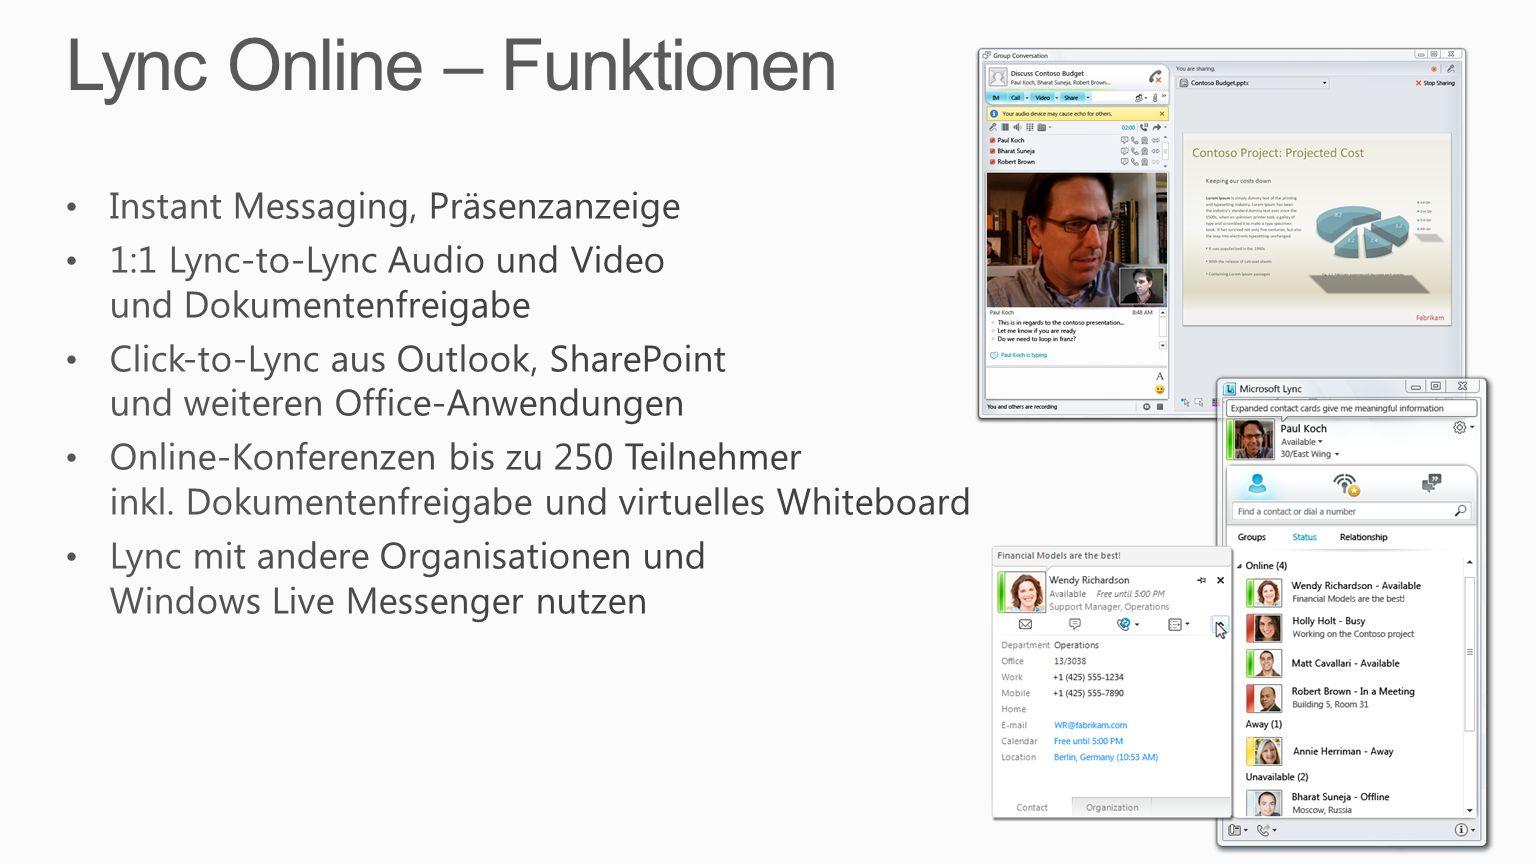 Lync Online – Funktionen